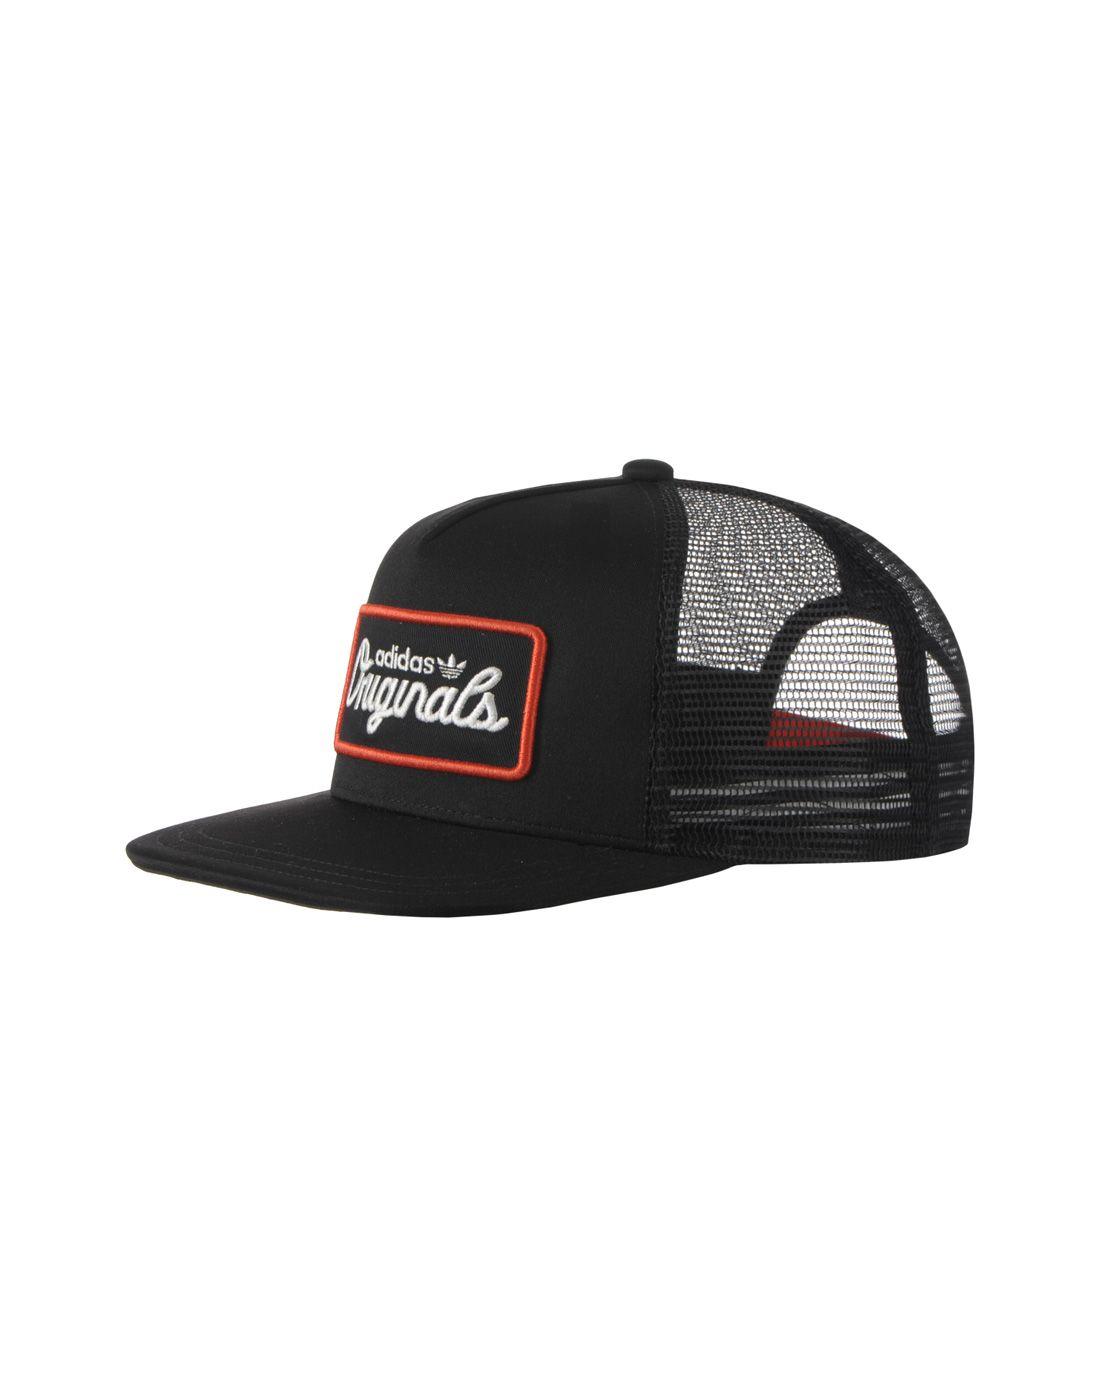 b7cf32c26 adidas Originals Mens Trucker Cap | Adidas original in 2019 | Cap ...